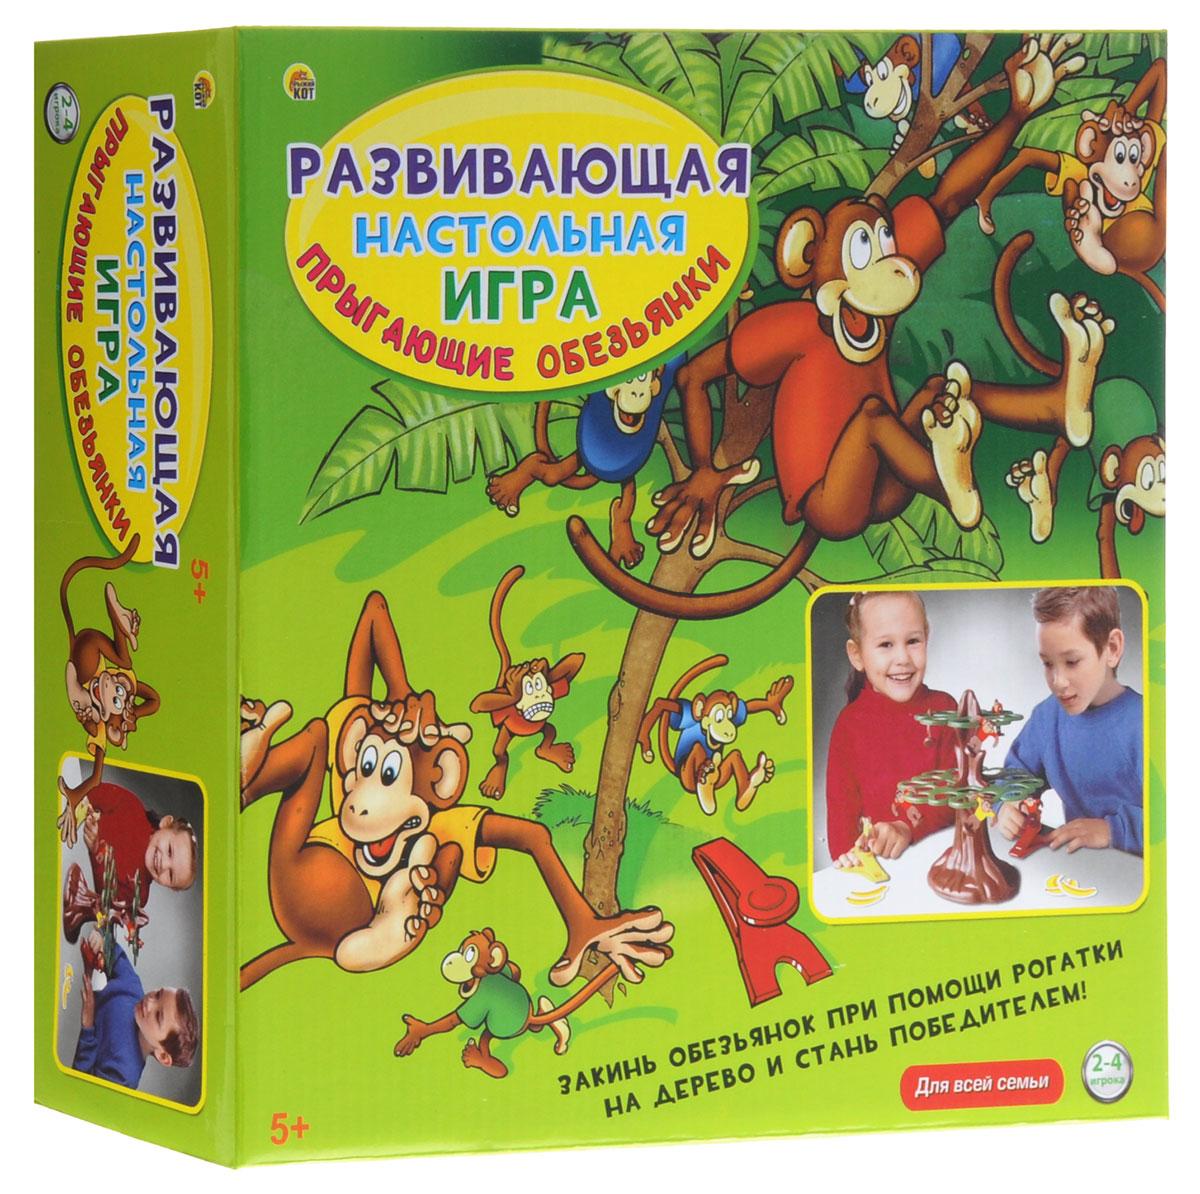 Рыжий Кот Настольная игра Прыгающие обезьянкиИН-3114Настольная игра Рыжий Кот Прыгающие Обезьянки станет отличным развлечением для детей от 5 лет. Игрокам предстоит отправить своих обезьянок на дерево с помощью катапульты и сбить приматов противника! Если животное повисло на пальме, то участник получает призовые бананы. Задача игры - стать первым, кто катапультирует всех мартышек на пальму, чтобы выиграть бананы! Выигрывает тот, чьи обезьянки быстрее всех окажутся на дереве. Игра предназначена от двух до четырех игроков. Увлекательная настольная игра Рыжий Кот Прыгающие Обезьянки позволит весело провести время в компании друзей!